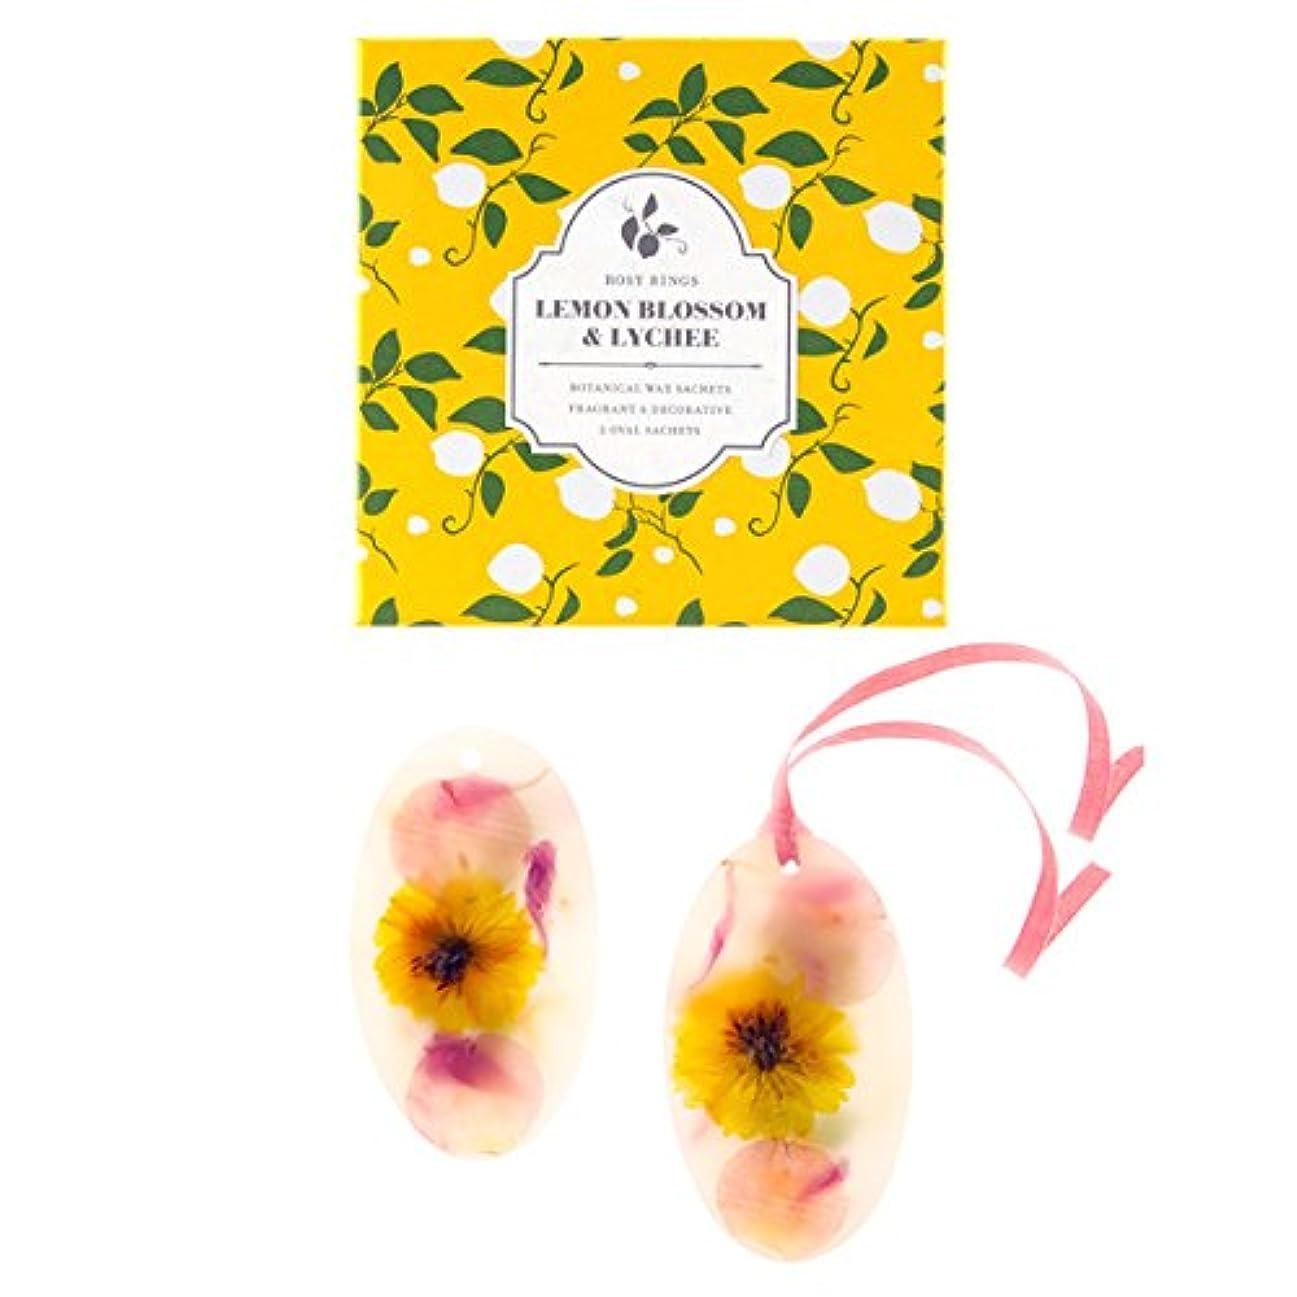 おなかがすいた出くわす曲がったロージーリングス ボタニカルワックスサシェ オーバル レモンブロッサム&ライチ ROSY RINGS Signature Collection Botanical Wax Sachets – Lemon Blossom...